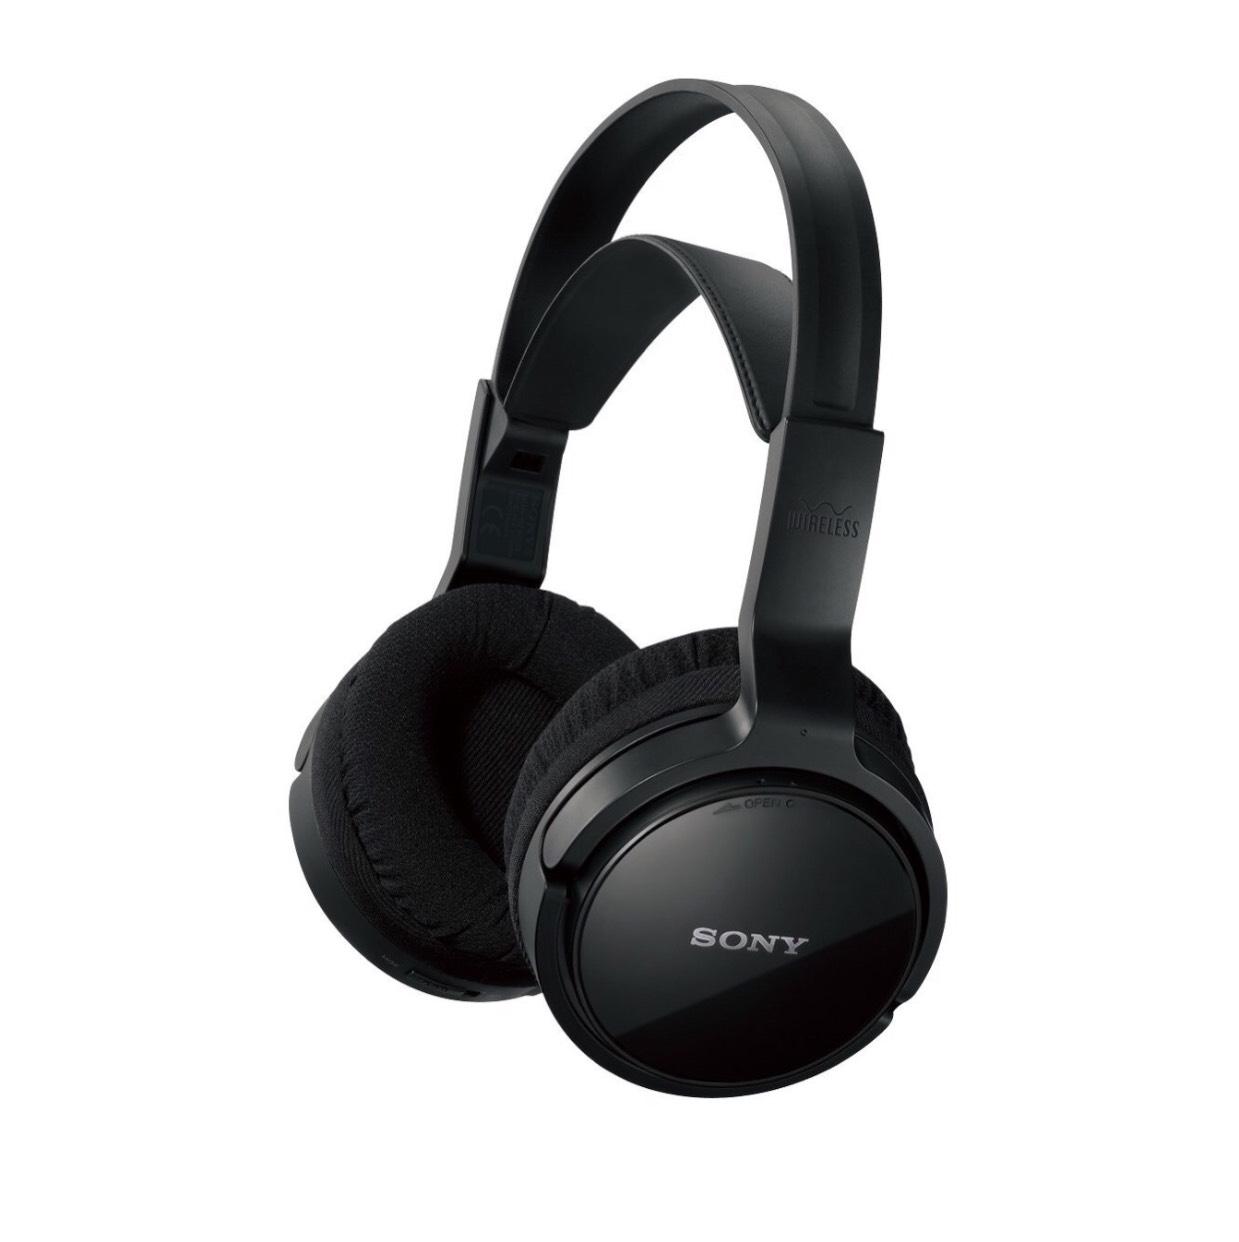 [mediamarkt wien mitte] Sony MDR-RF811RK Funkkopfhörer Schwarz 35,- €